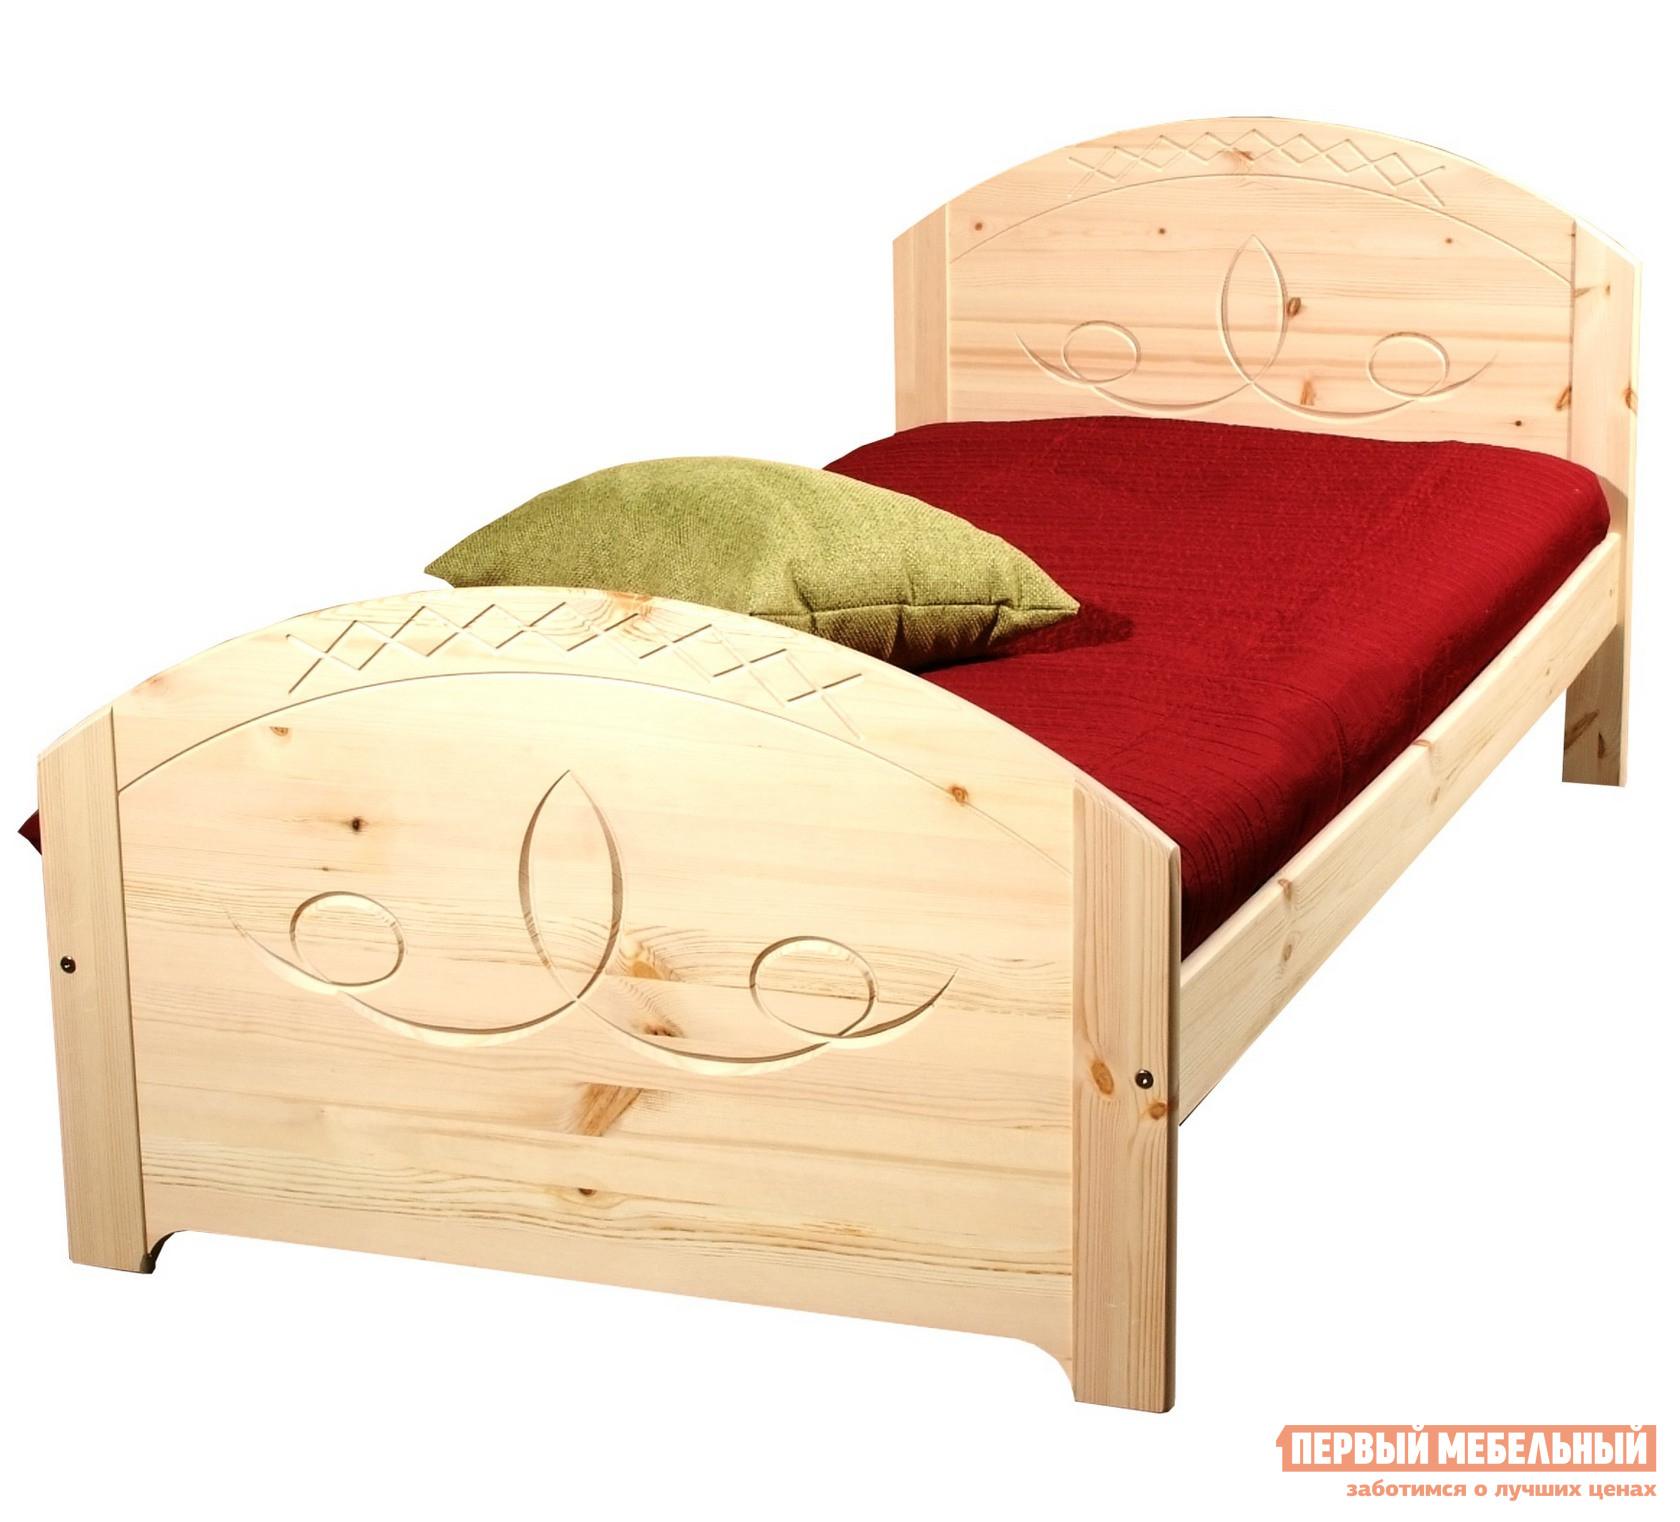 Односпальная кровать Timberica Элина